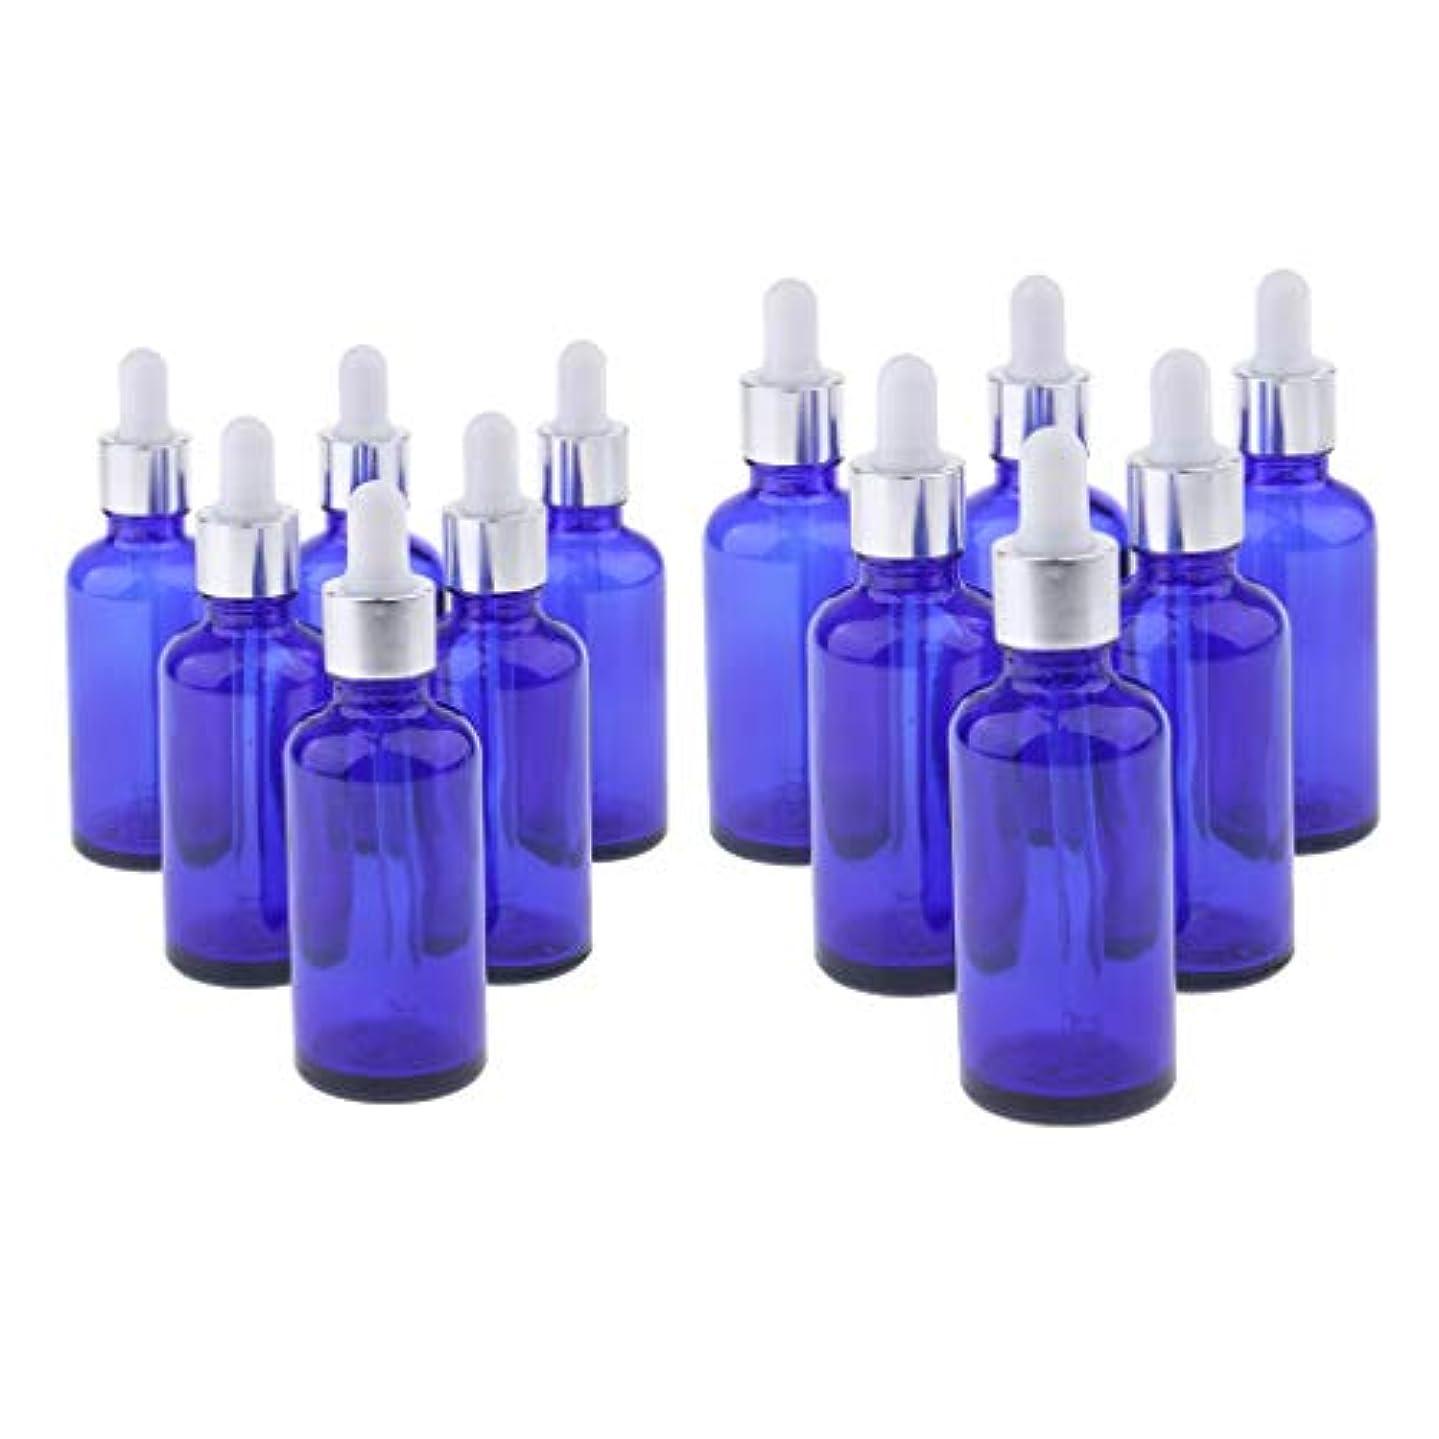 穿孔する生き残ります退屈させる12個 2サイズ 精油ボトル スポイトボトル ガラス エッセンシャルオイル 香水 保存 詰替え